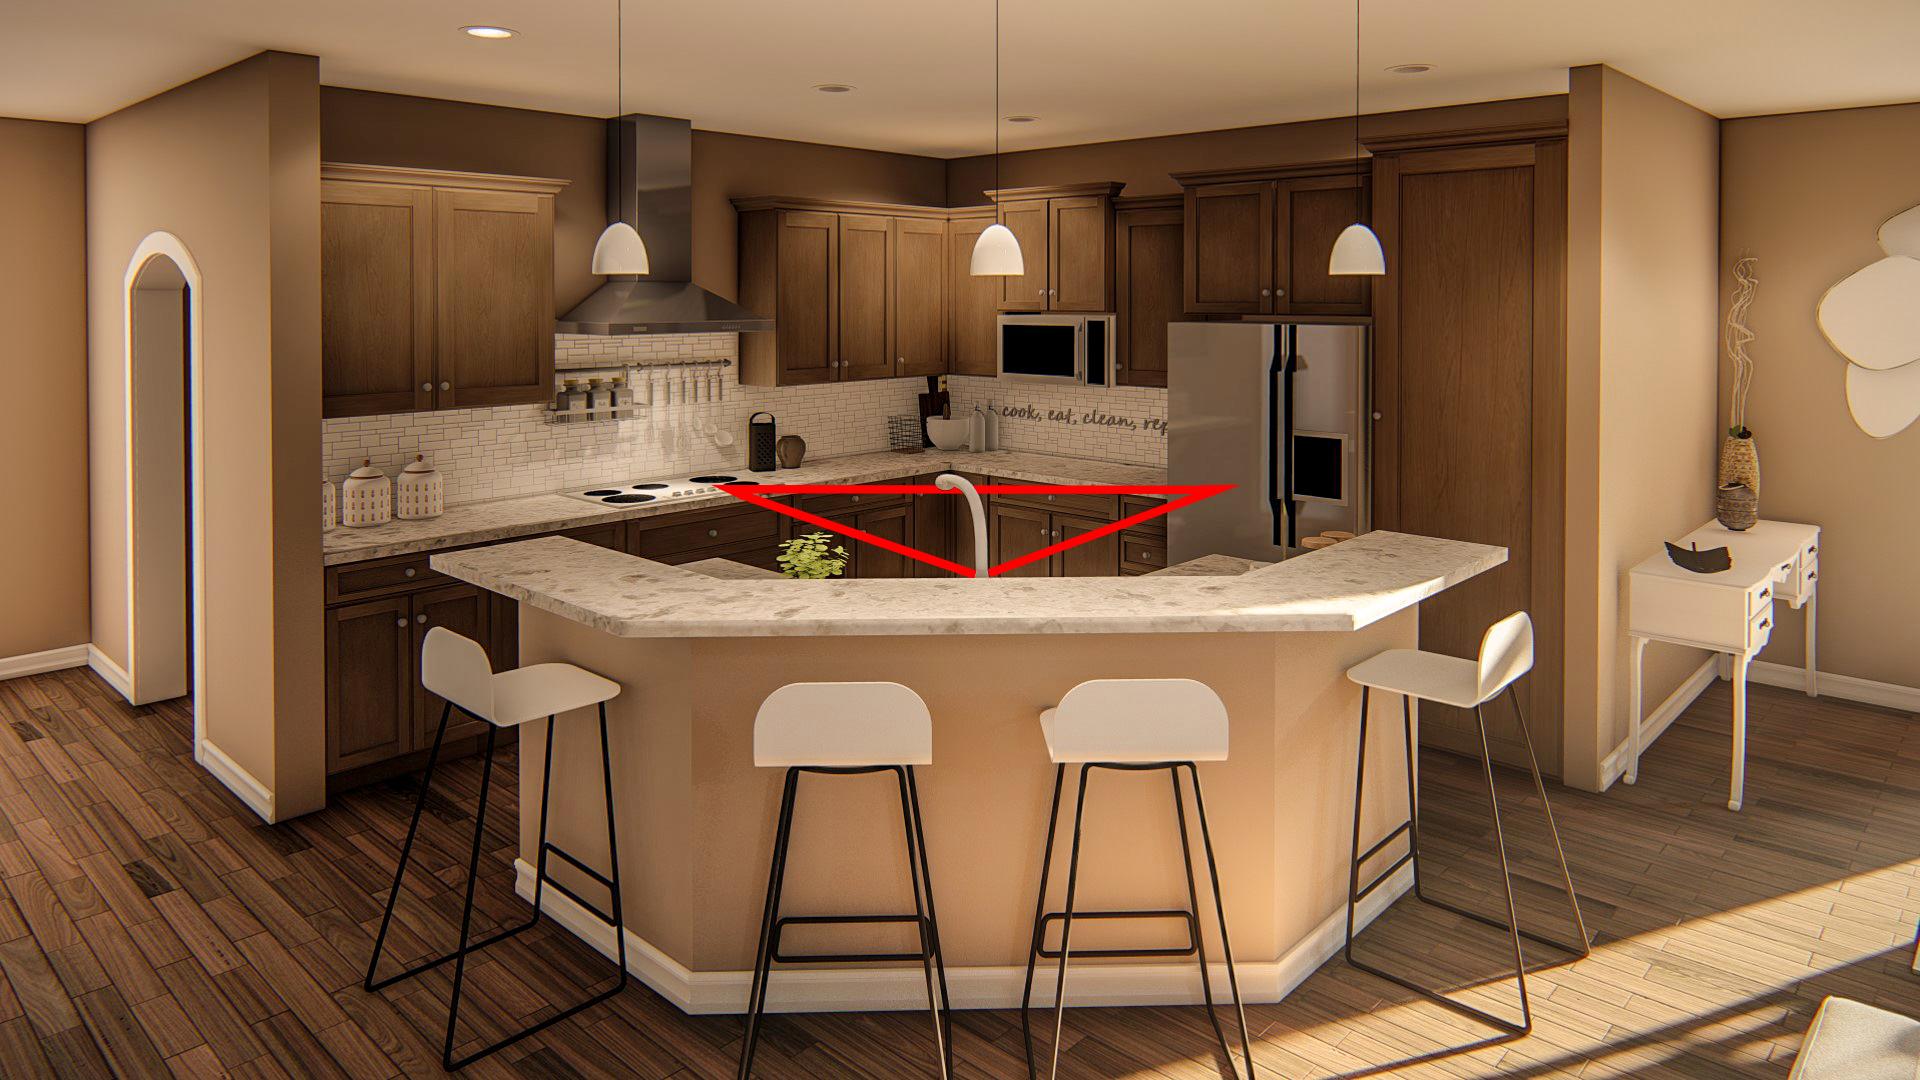 Kitchen Work Triangle Diagram